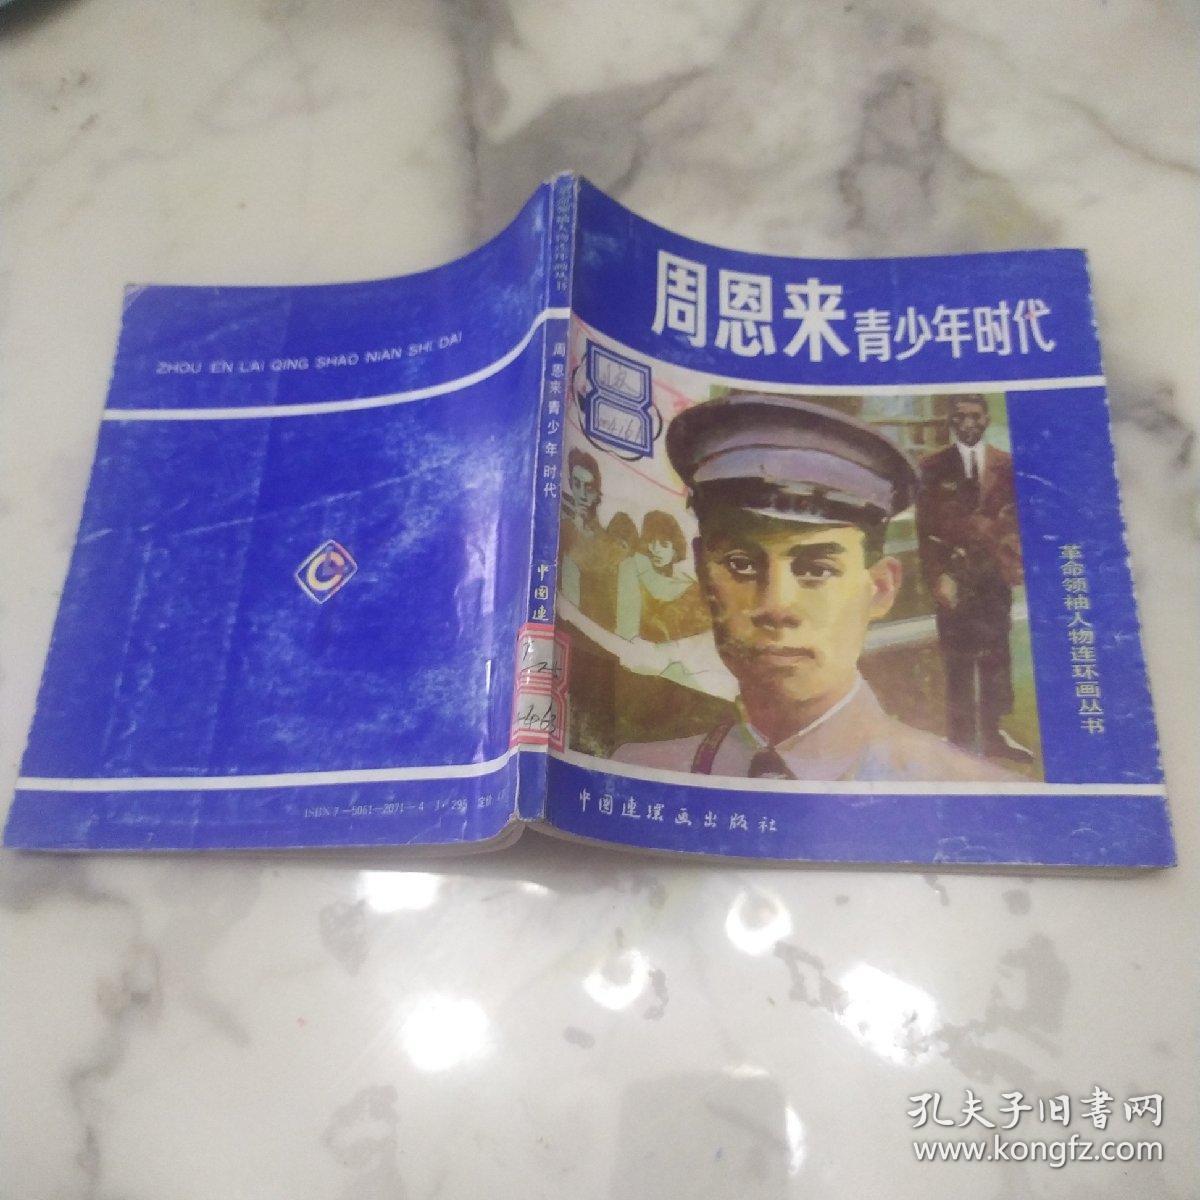 革命领袖人物连环画丛书《周恩来青少年时代》